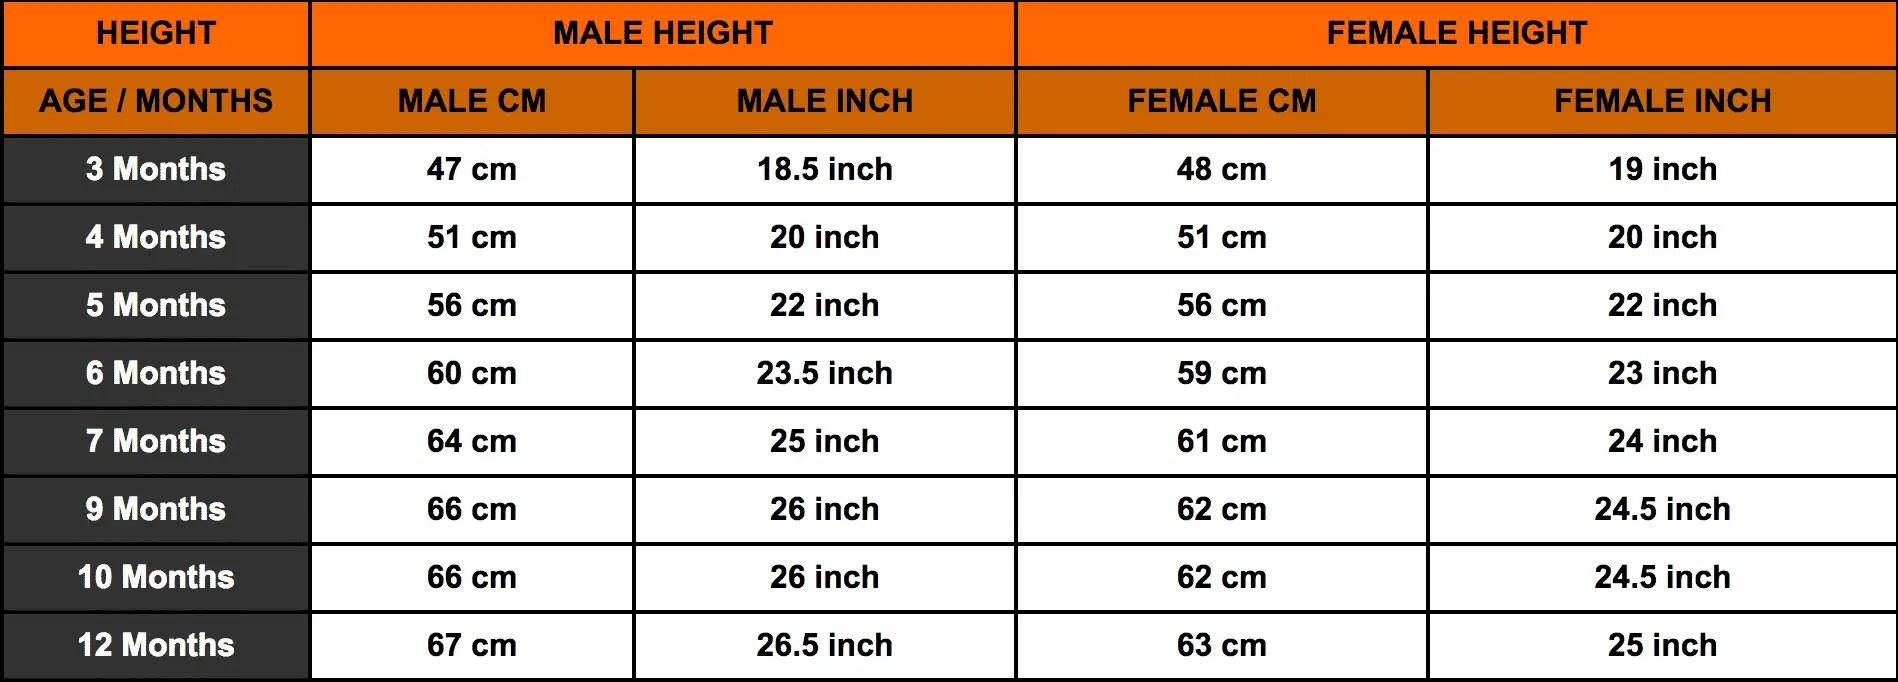 Rottweiler growth chart rottweiler height chart rottweiler weight